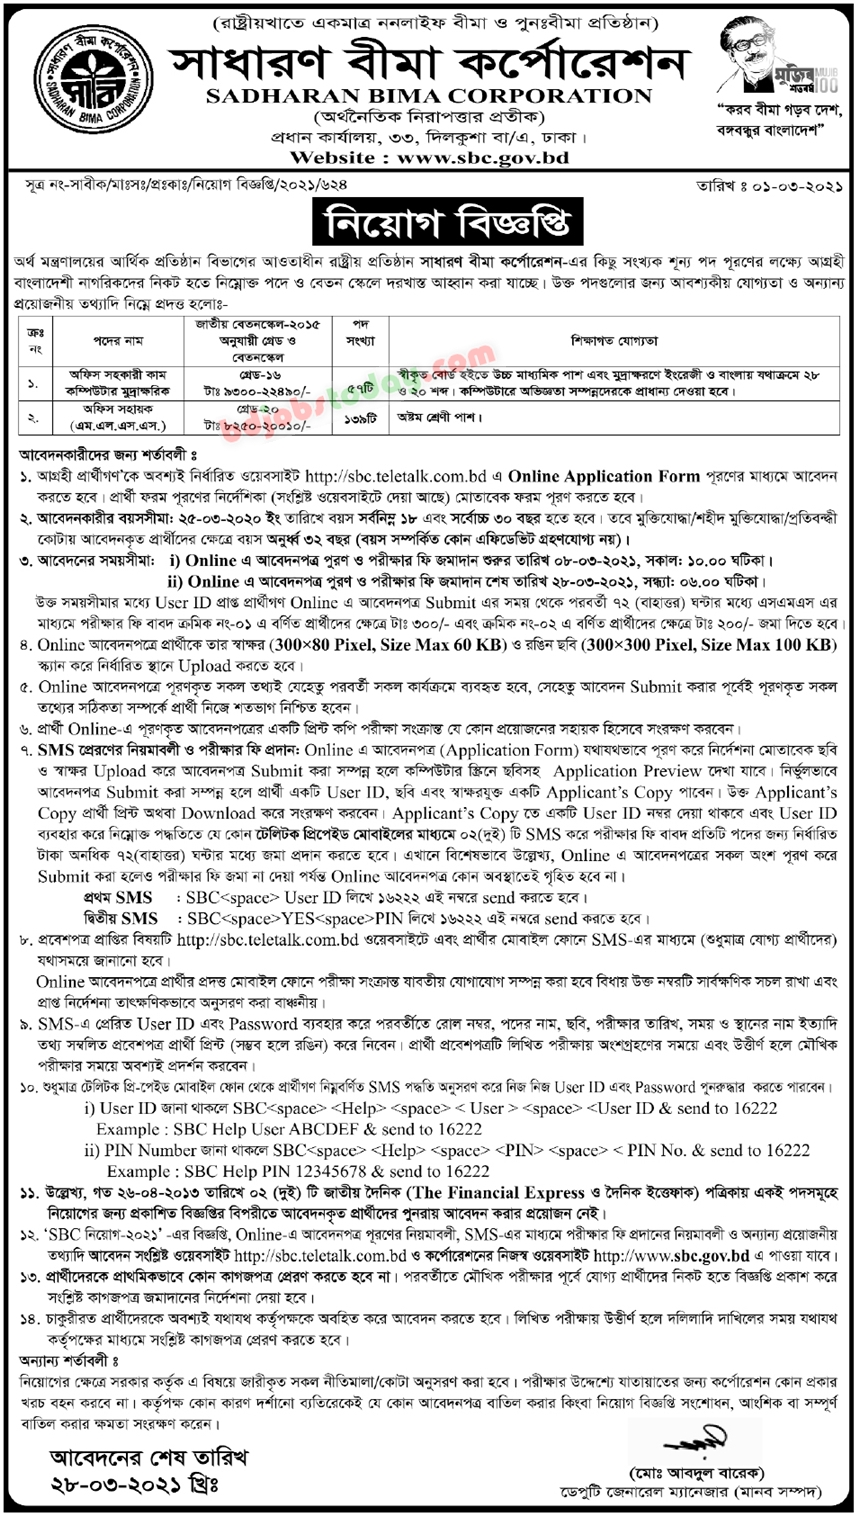 SBC Teletalk 2021 - sbc.teletalk.com.bd